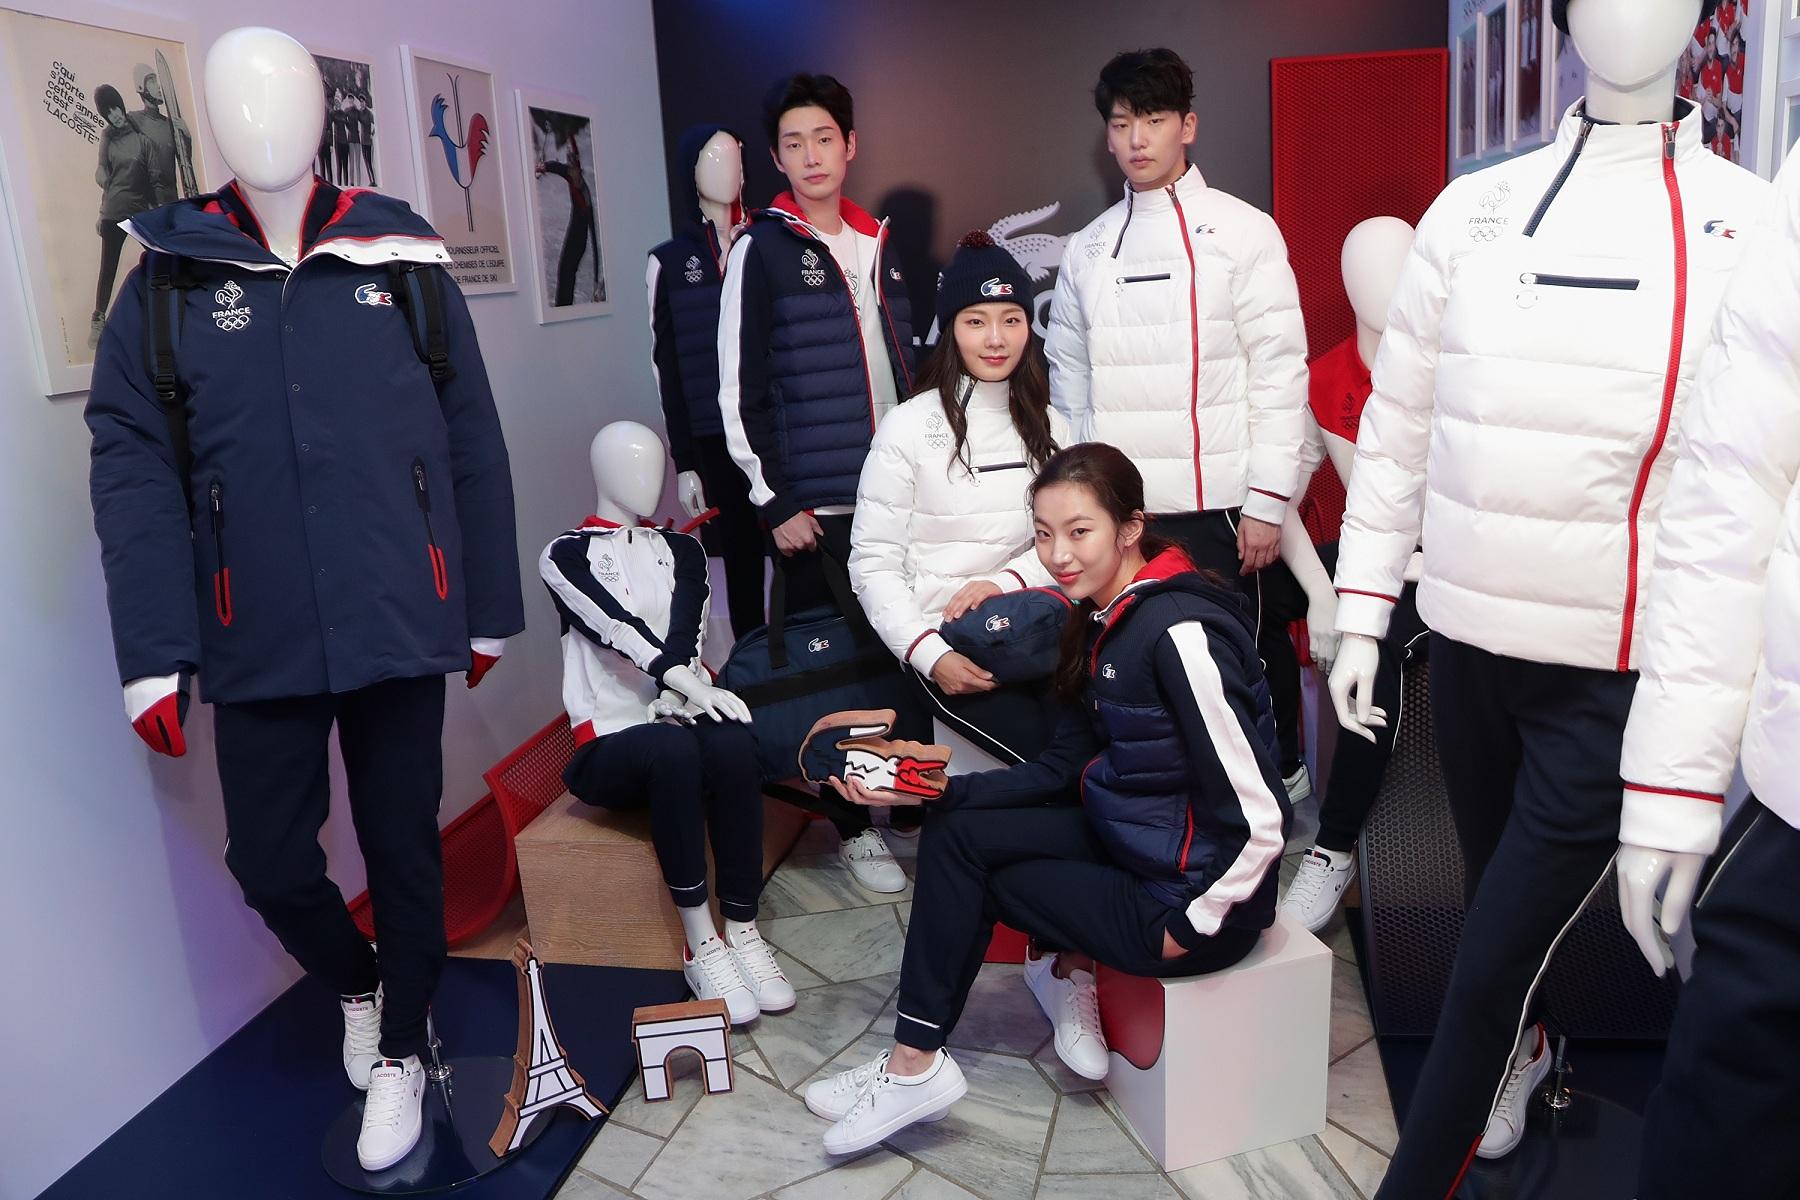 Leg-leg-leg formaruhák a phjongcshangi téli olimpia csapataitól  fcb0665c73